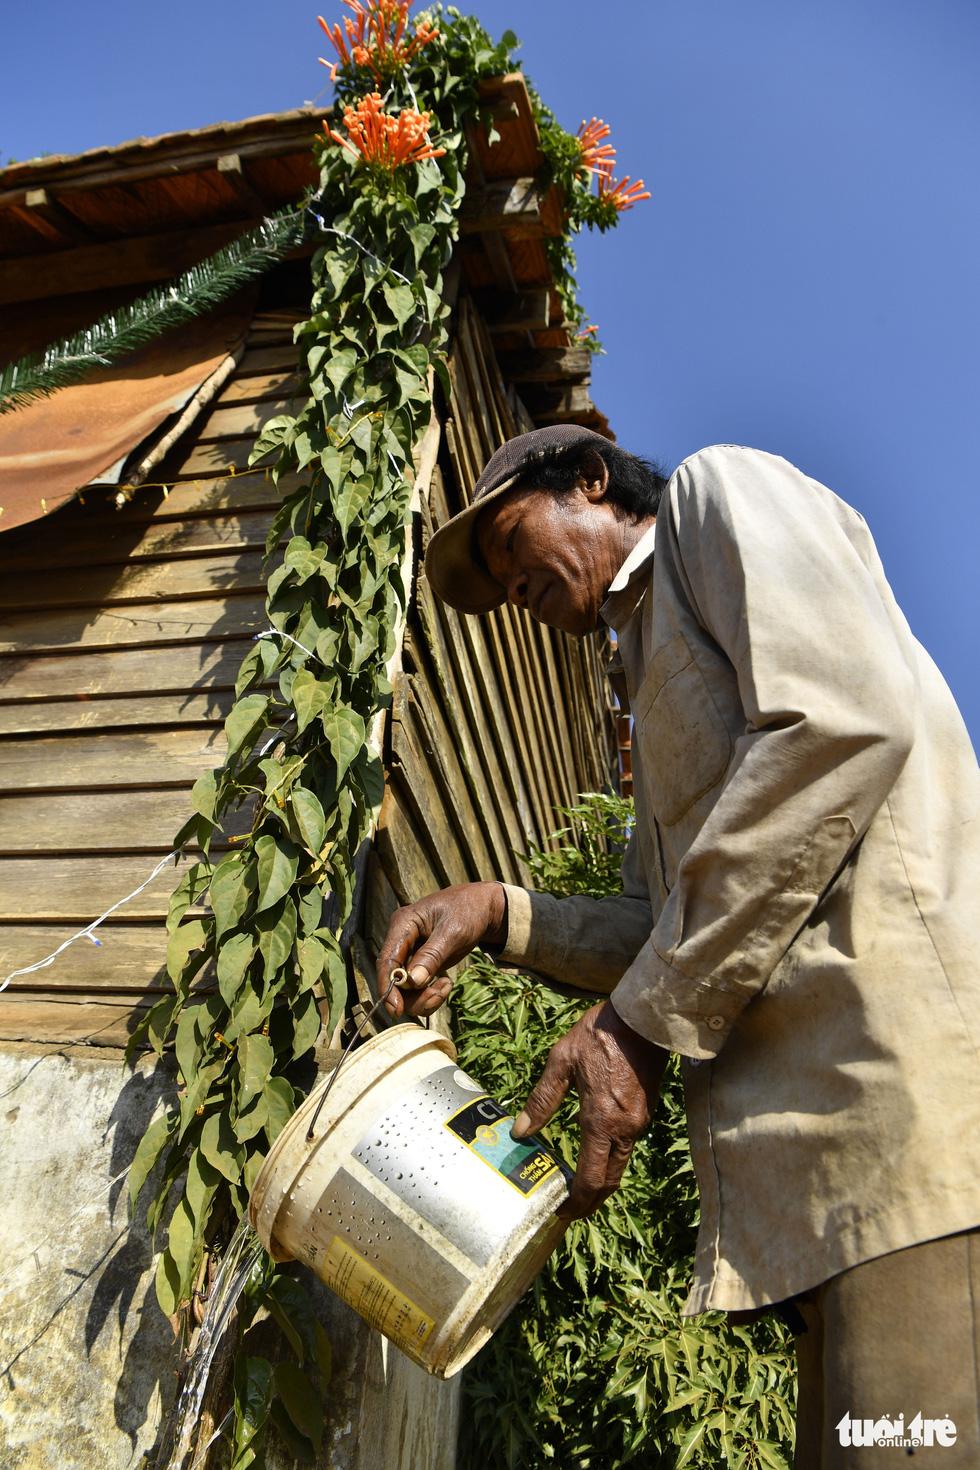 Ngôi nhà phủ hoa chùm ớt ở Lâm Đồng đã không còn - Ảnh 5.